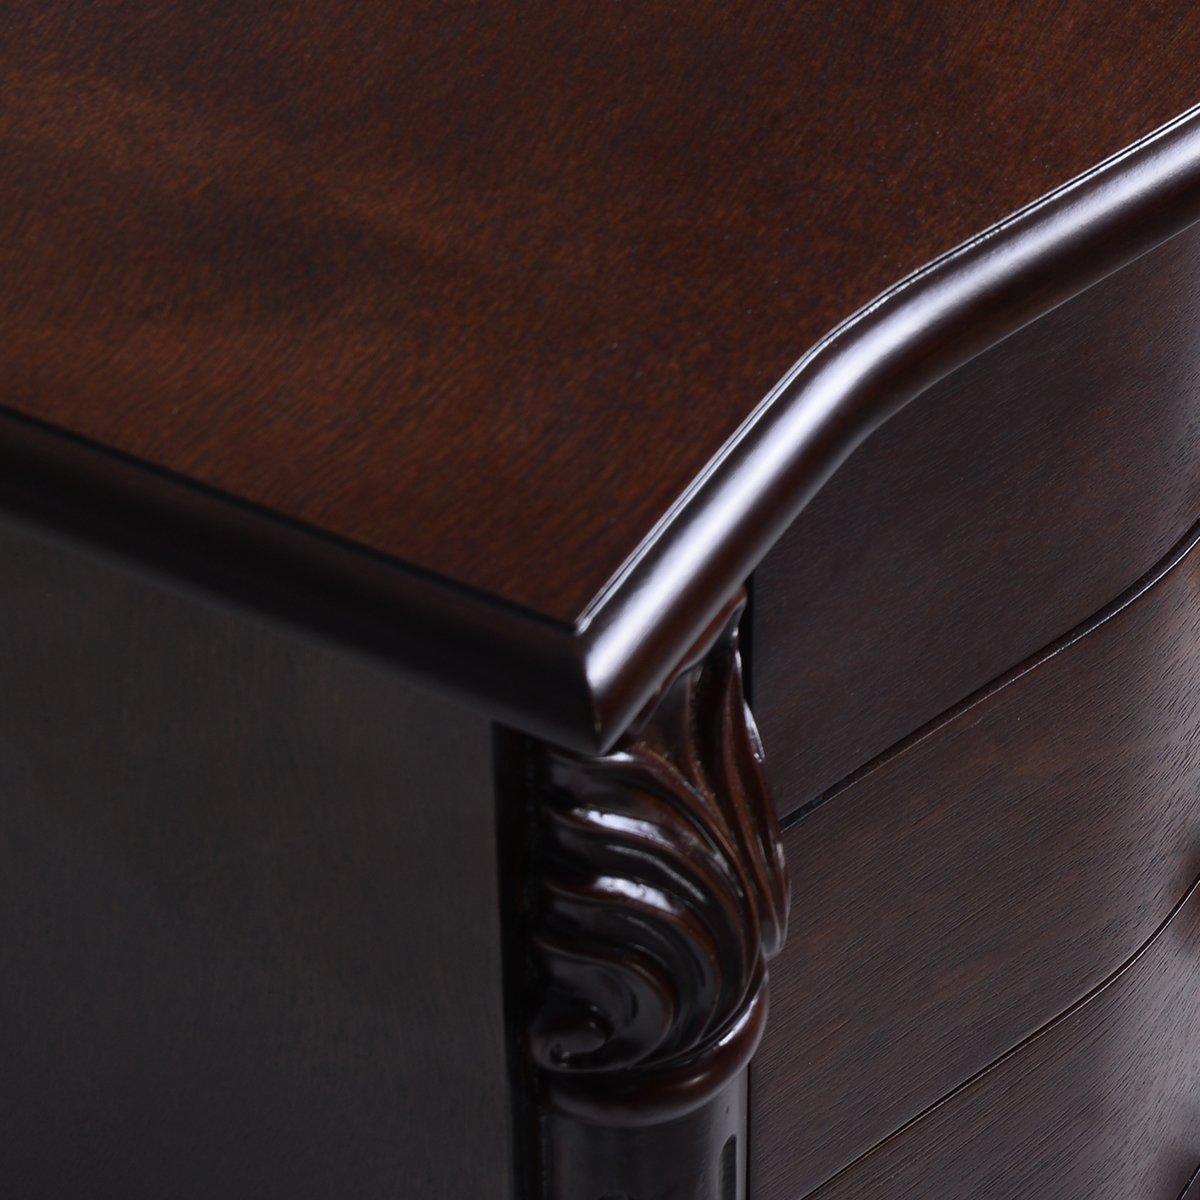 Amazoncom Giantex Wood Jewelry Cabinet Armoire Box Storage Chest